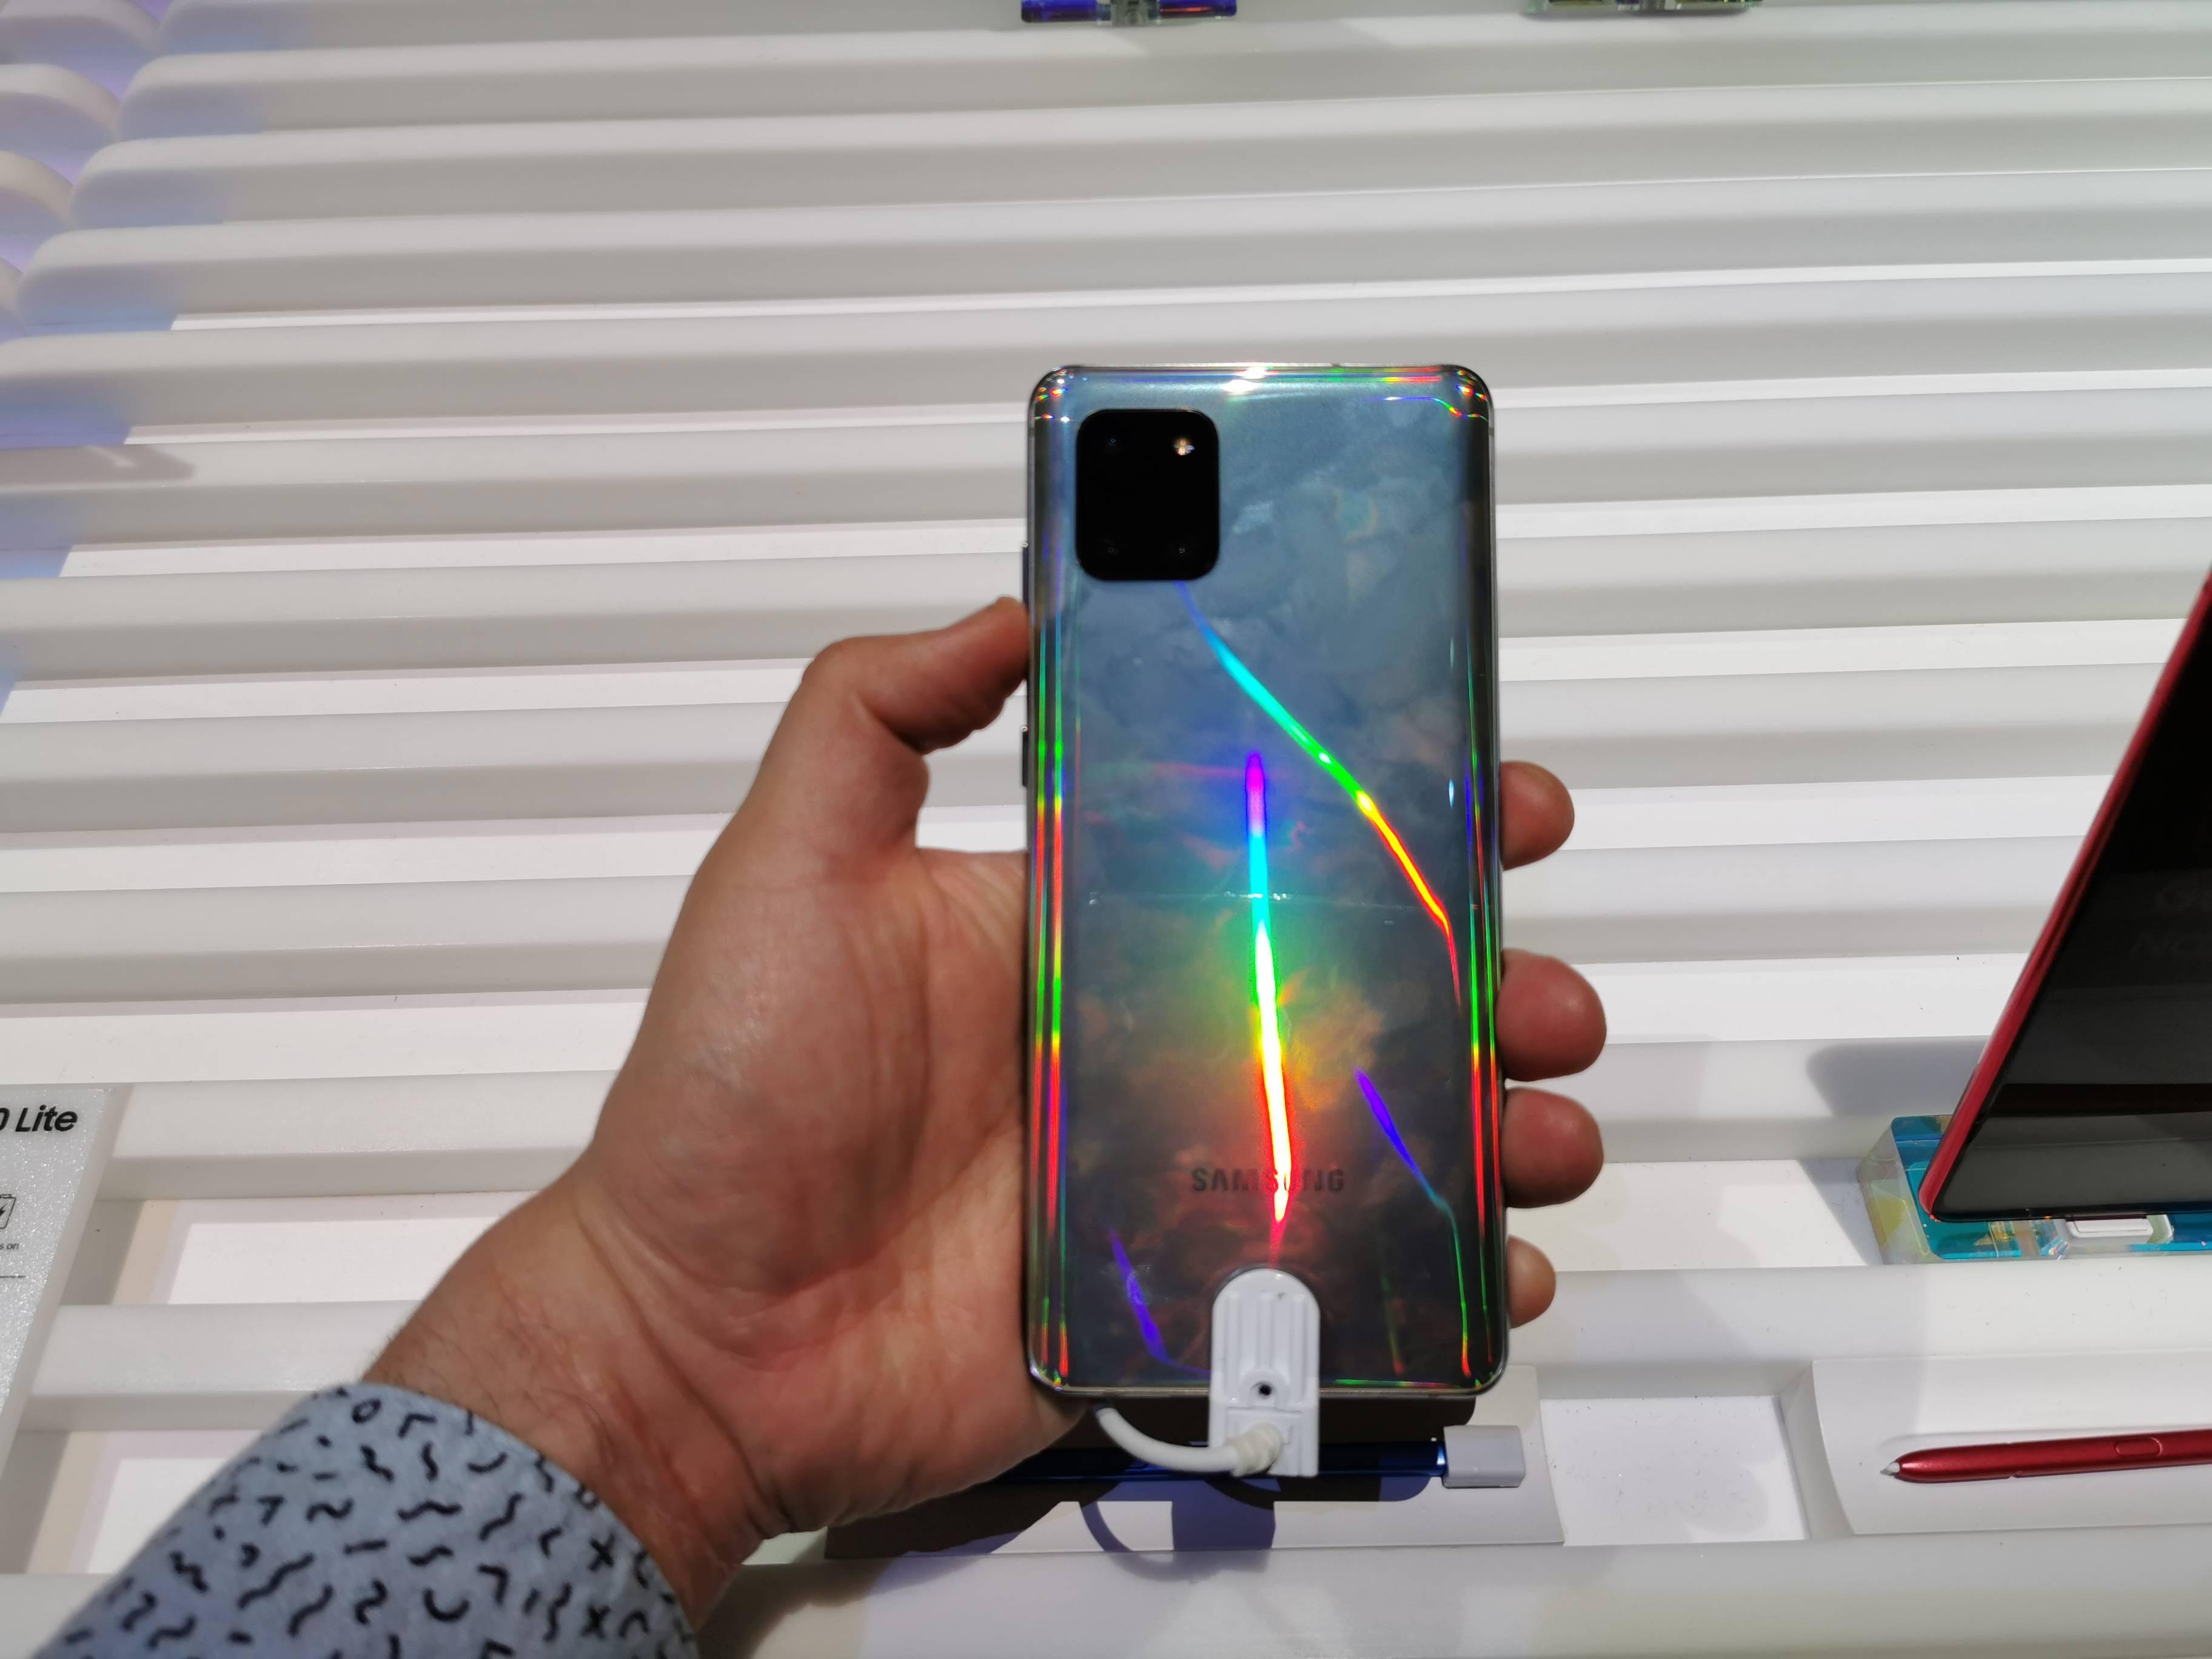 Primeras impresiones del Samsung Note 10 Lite y S10 Lite #CES2020